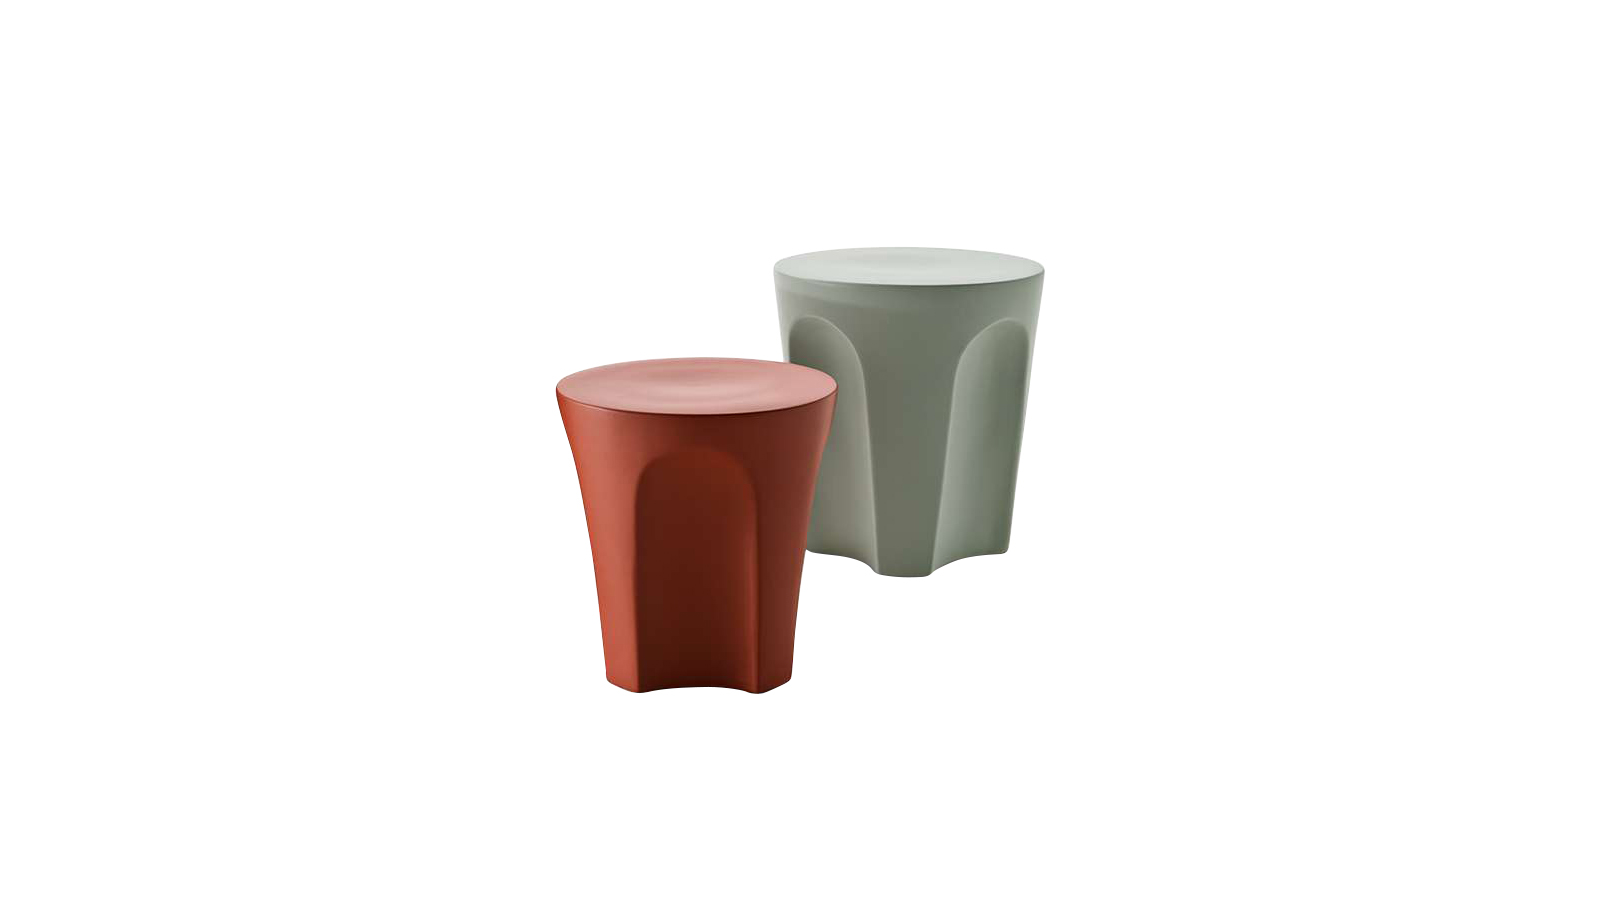 2020-ban a Colosseo új, porcelán kőagyag változatban debütált, zsálya és agyag színben. A bútorelem az alkalomtól és az igényektől függően dohányzóasztalként és lábtartóként is használható. A Colosseo a tervező, Naoto Fukasawa óriási ihletéről kapta a nevét. Fukasawa célja az volt, hogy egy fejjel lefelé fordított, csonka kúp alakú bútort tervezzen, amely több funkcióval is rendelkezik, így megkönnyítve használói mindennapjait.